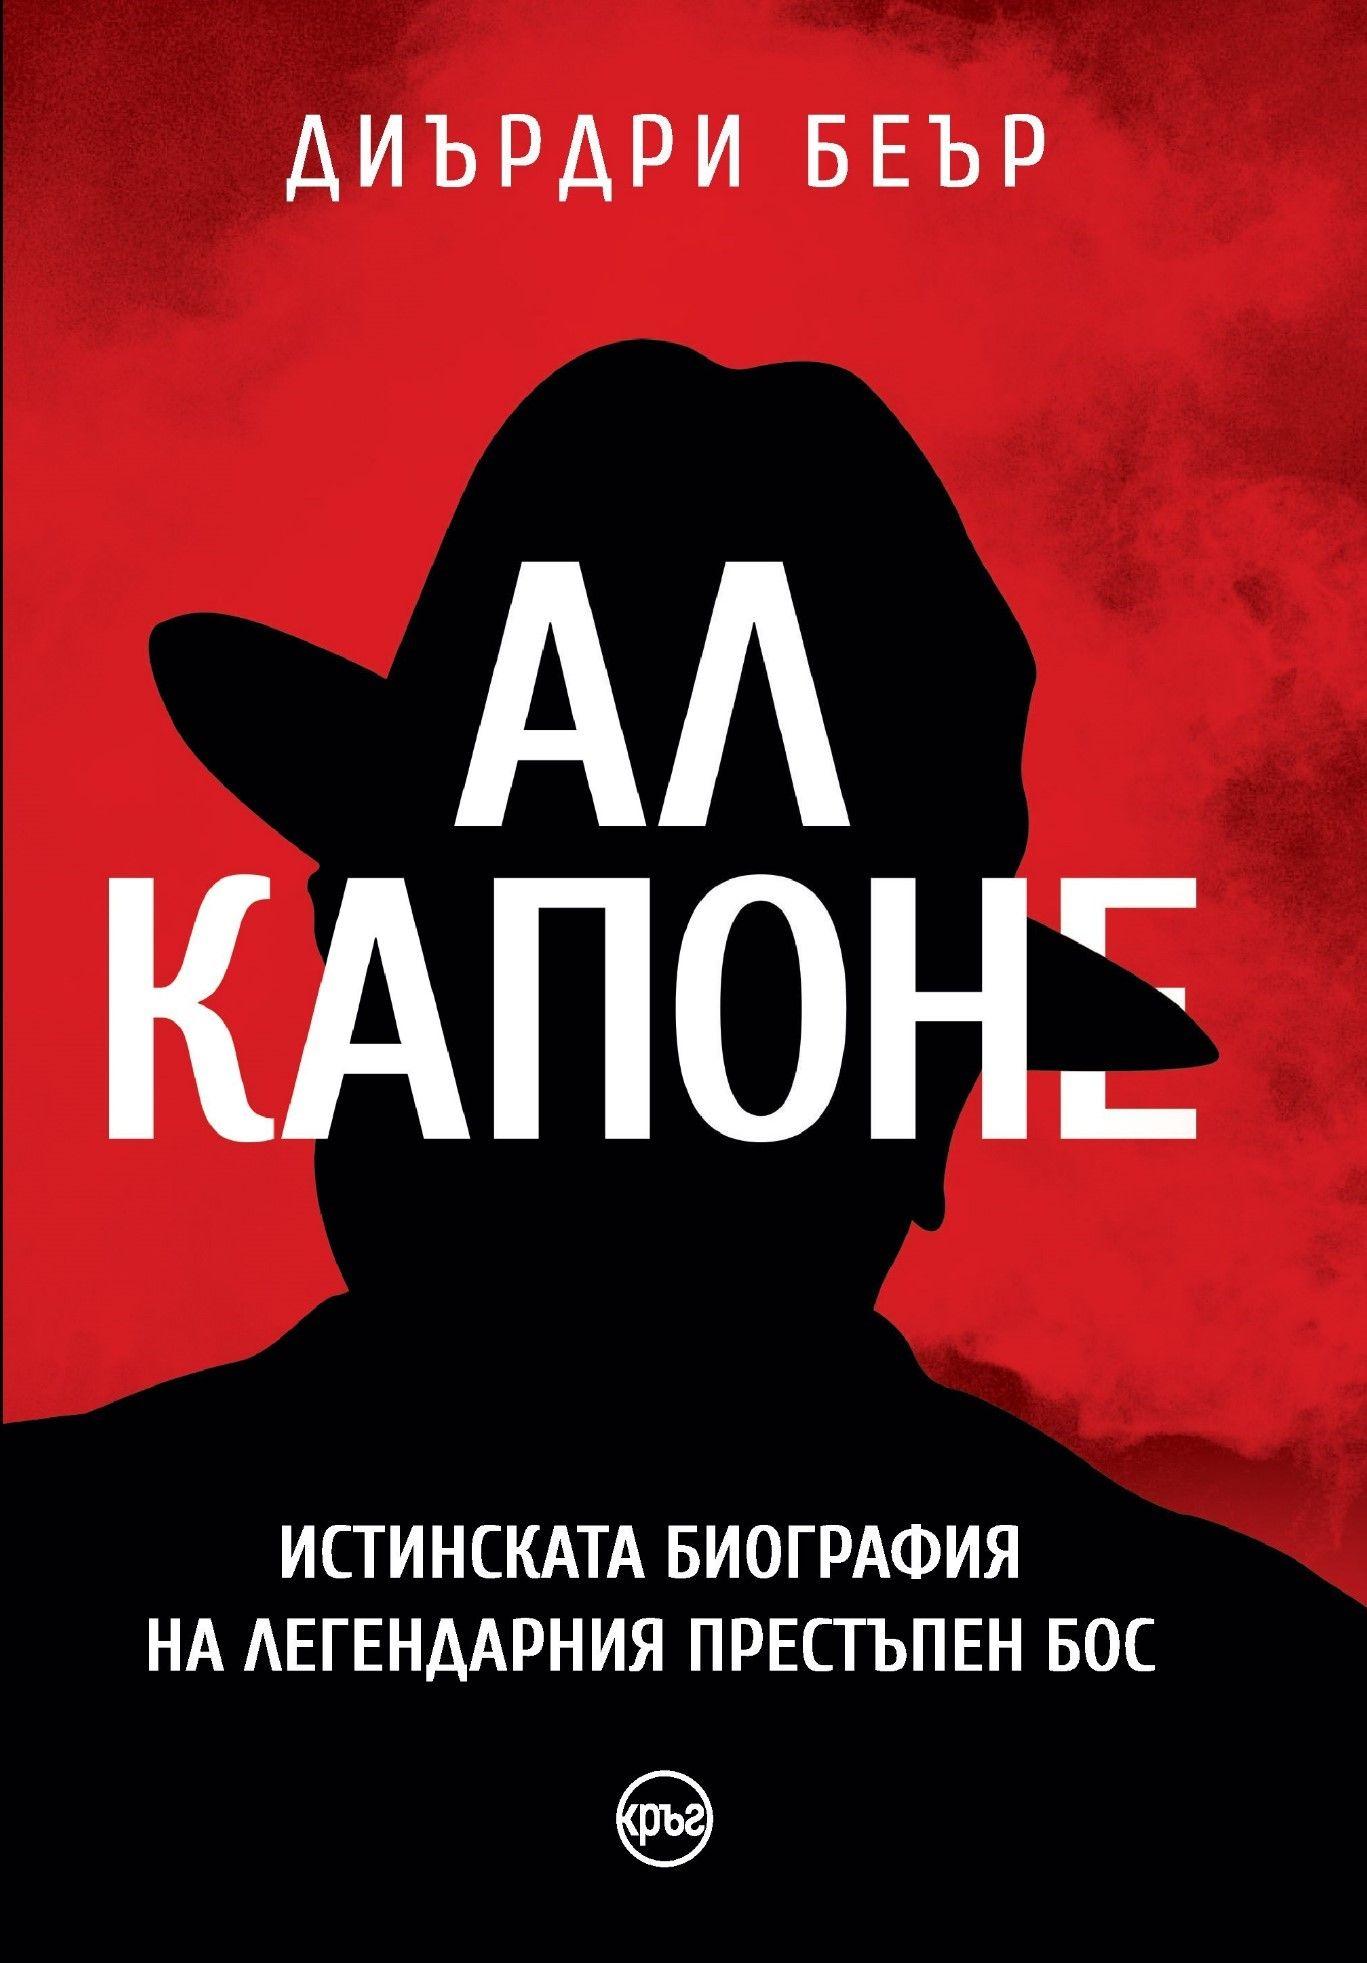 Ал Капоне. Истинската биография на легендарния престъпен бос - 1